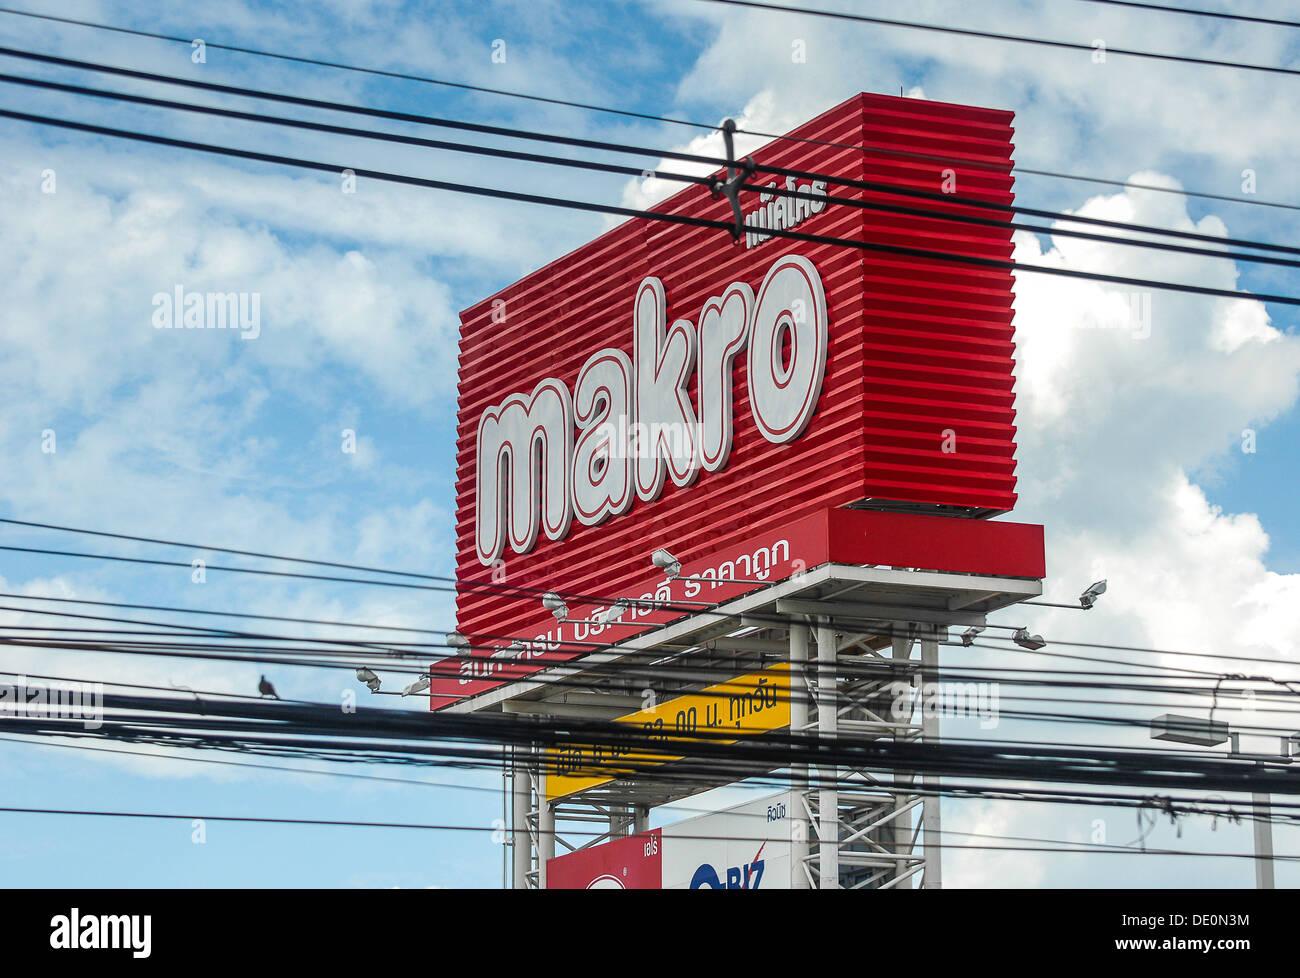 Makro sign - Stock Image